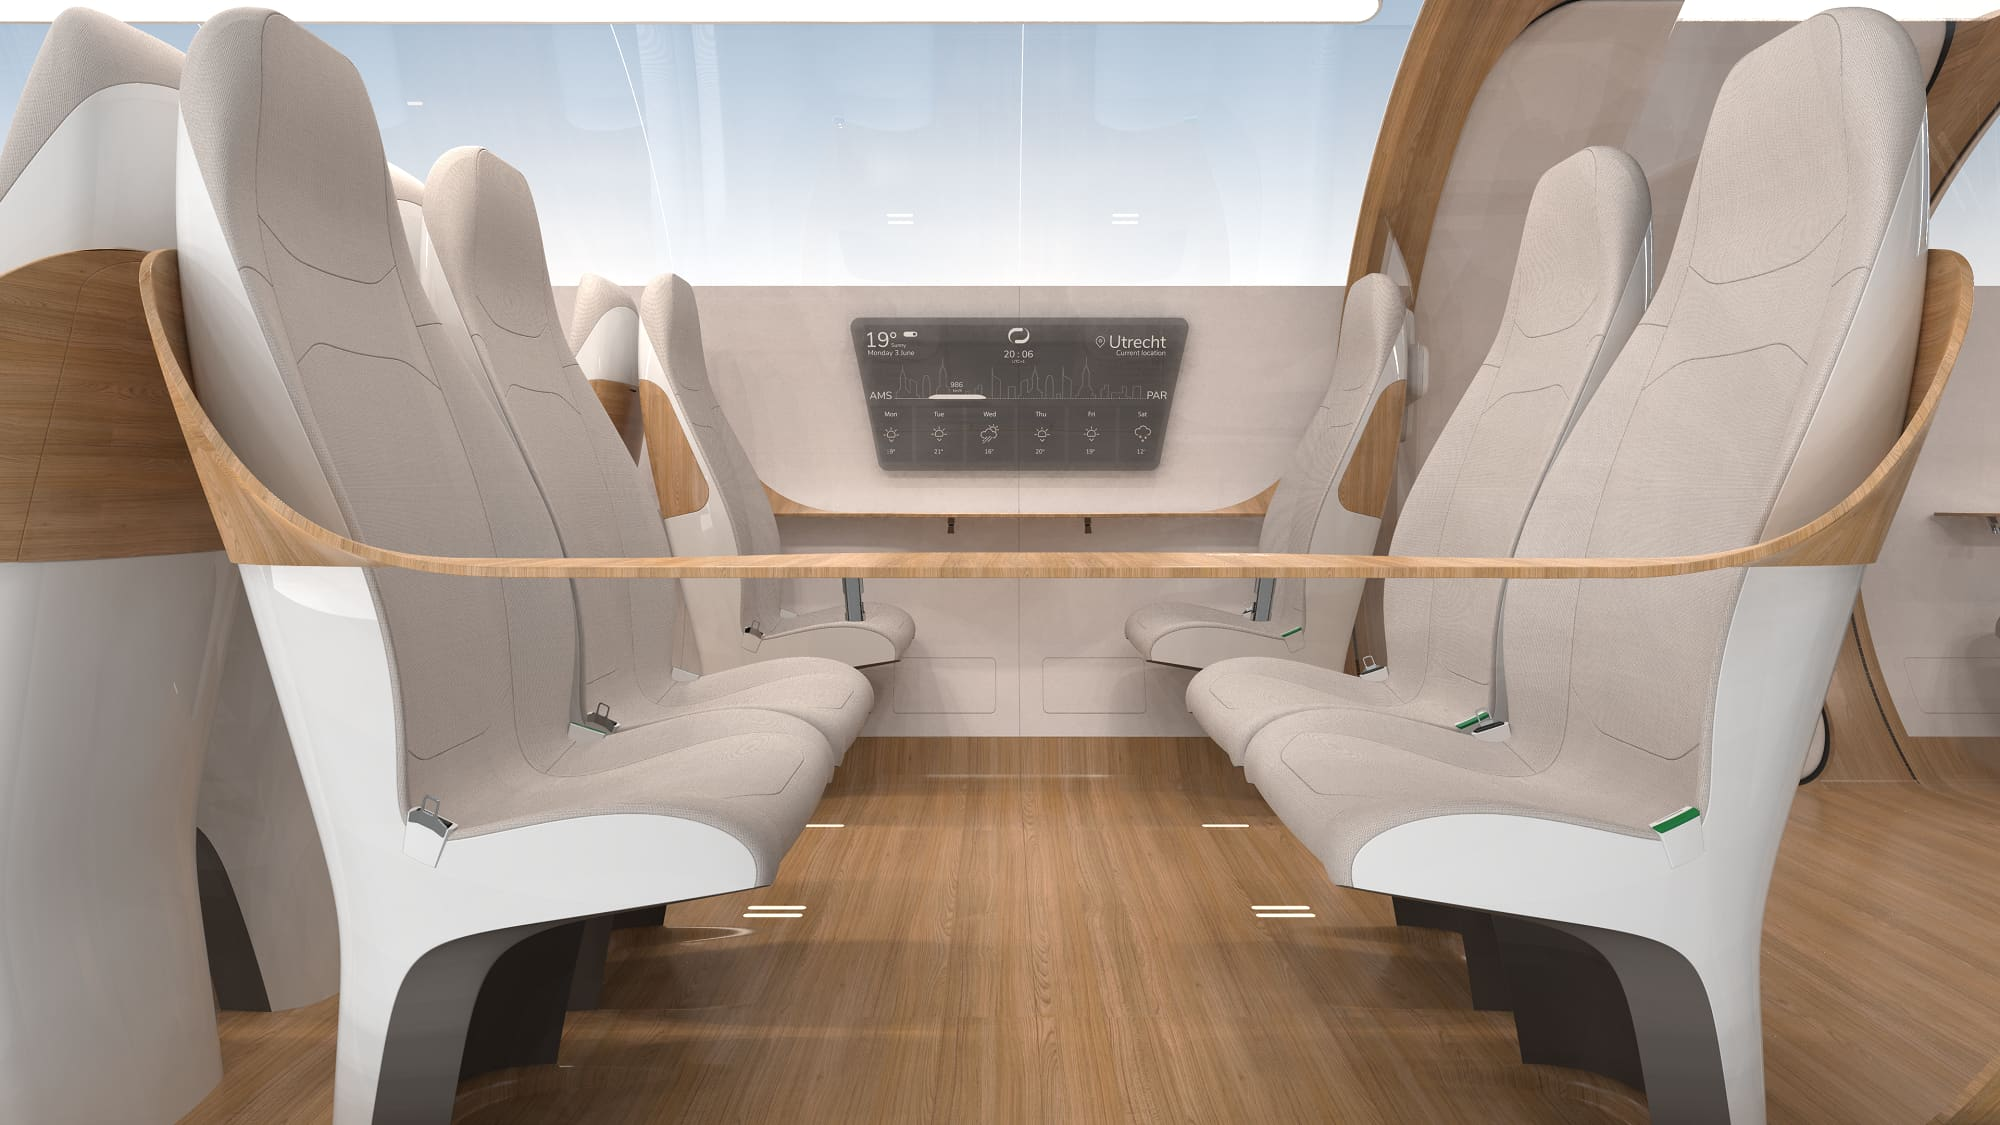 H/O: Delft University hyperloop pod social interior 190717